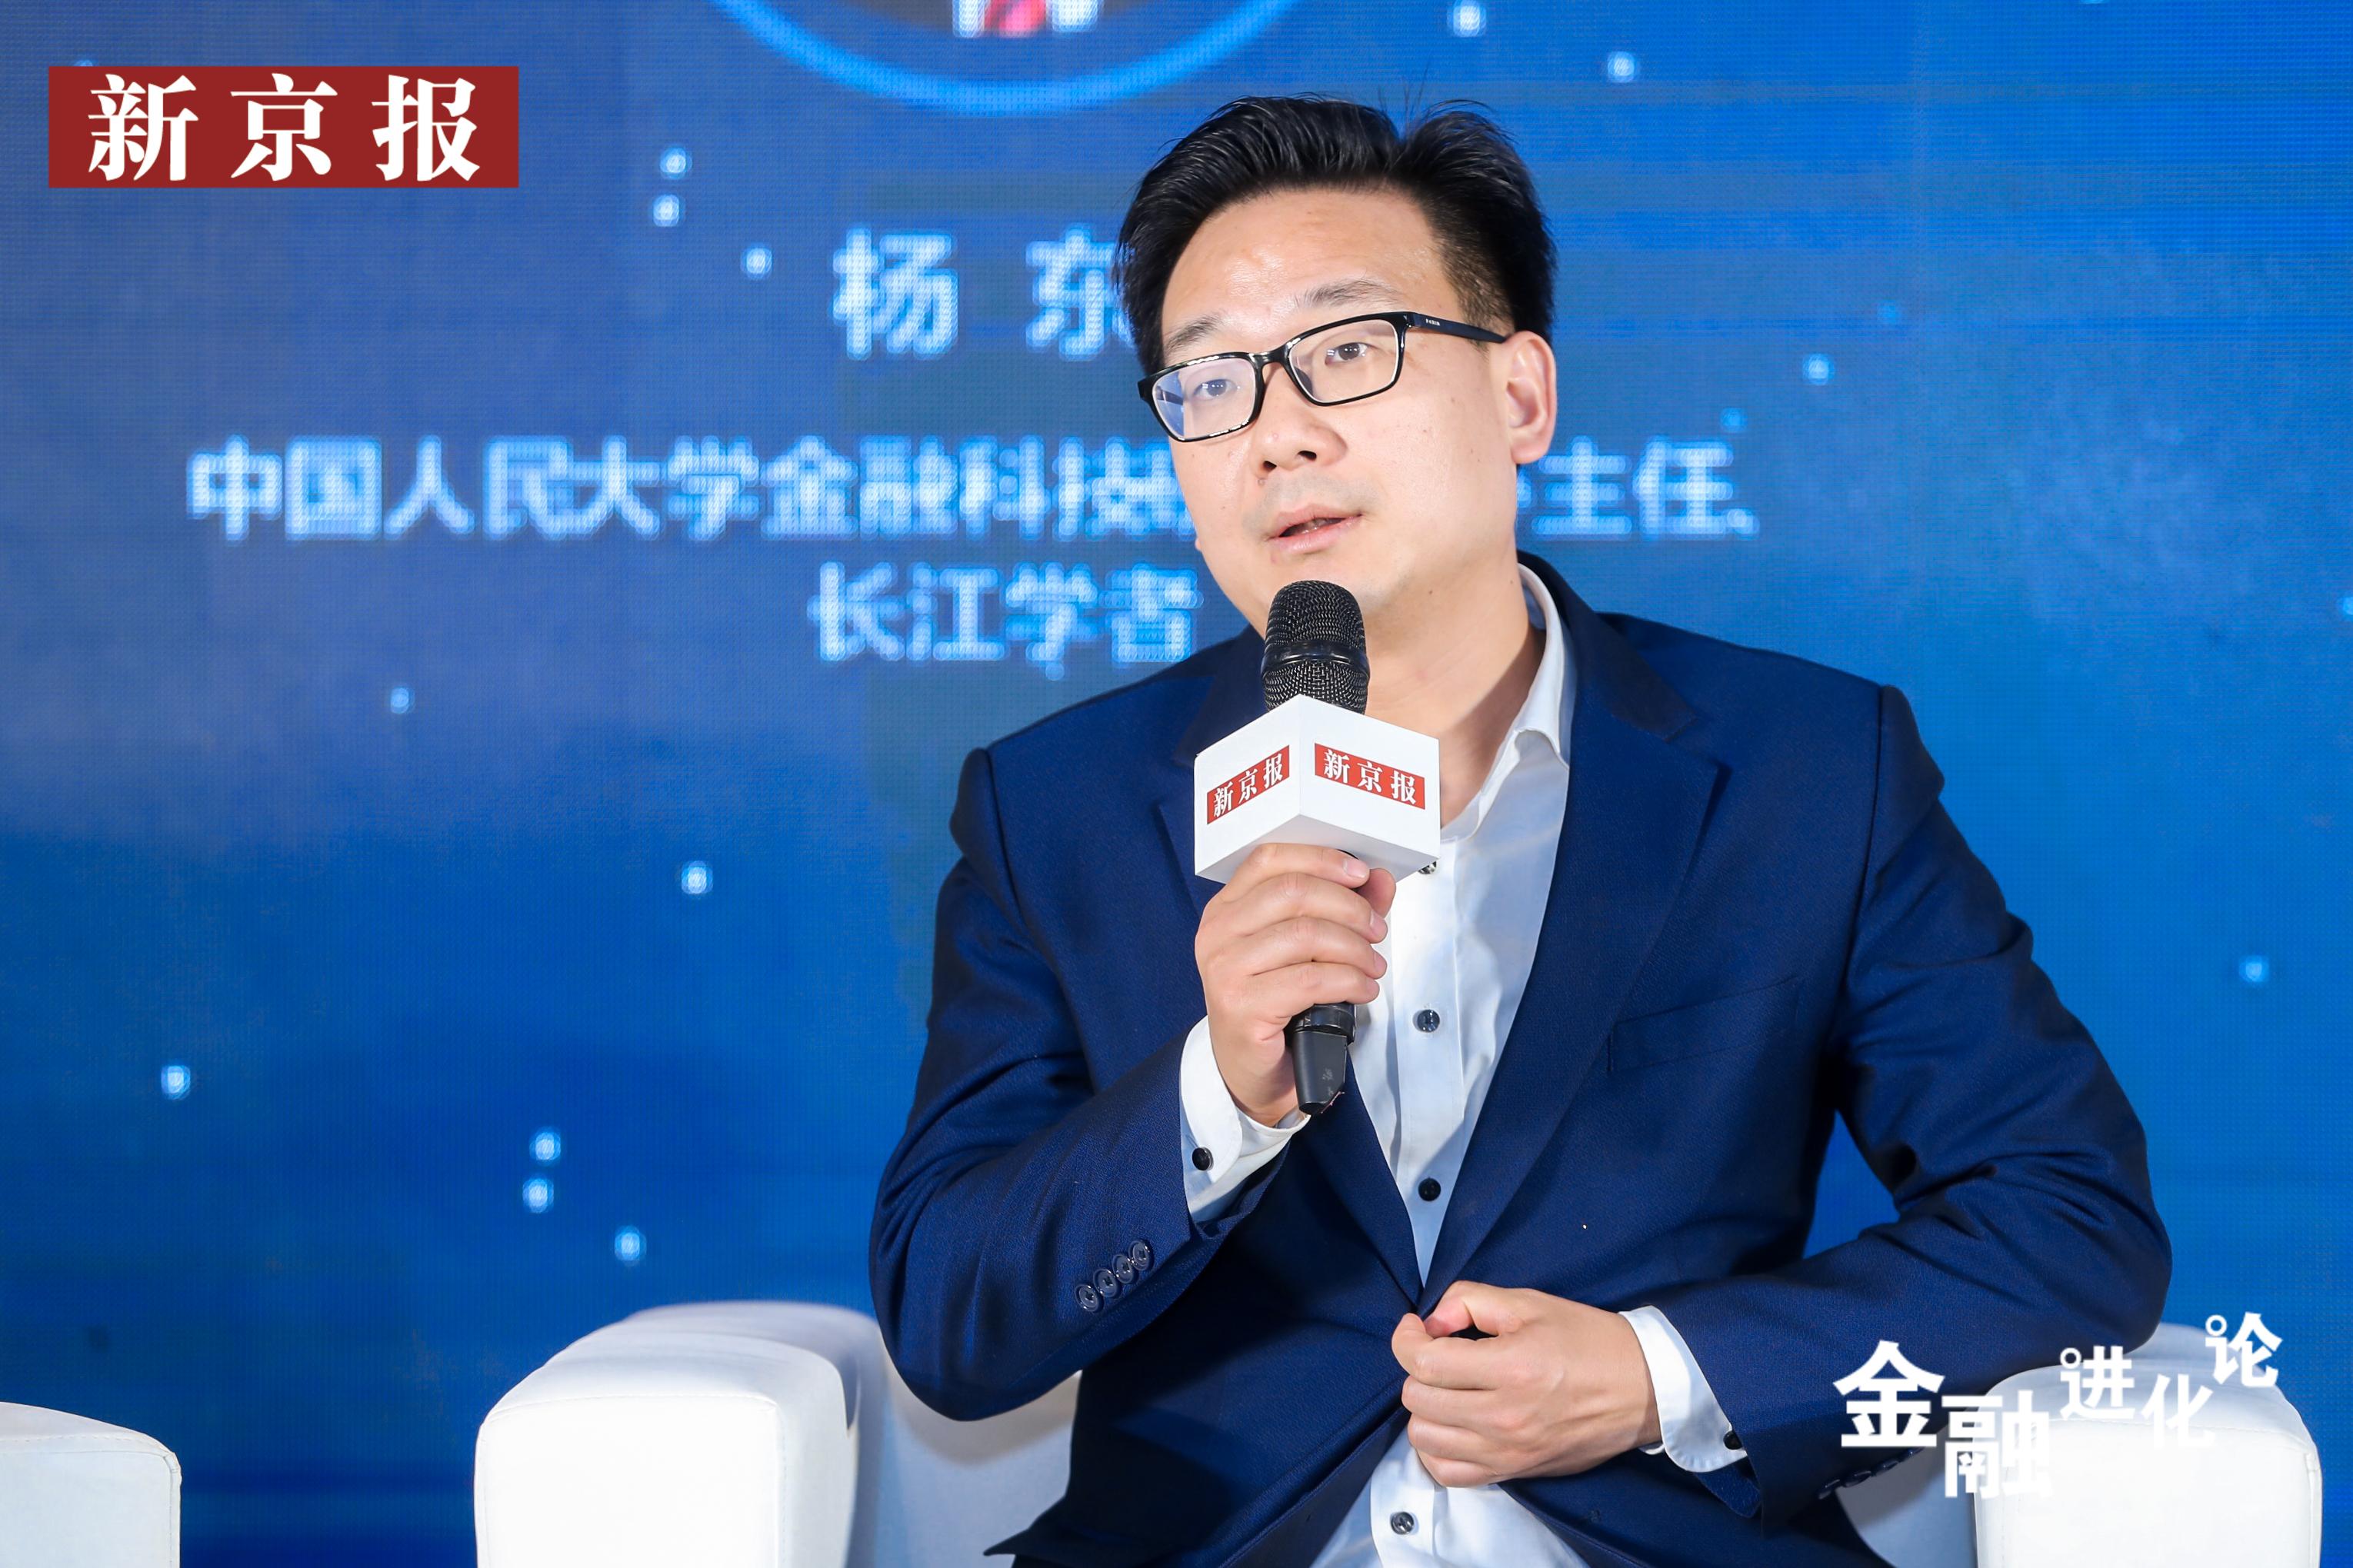 人大杨东:区块链可解决金融过于中心化的问题